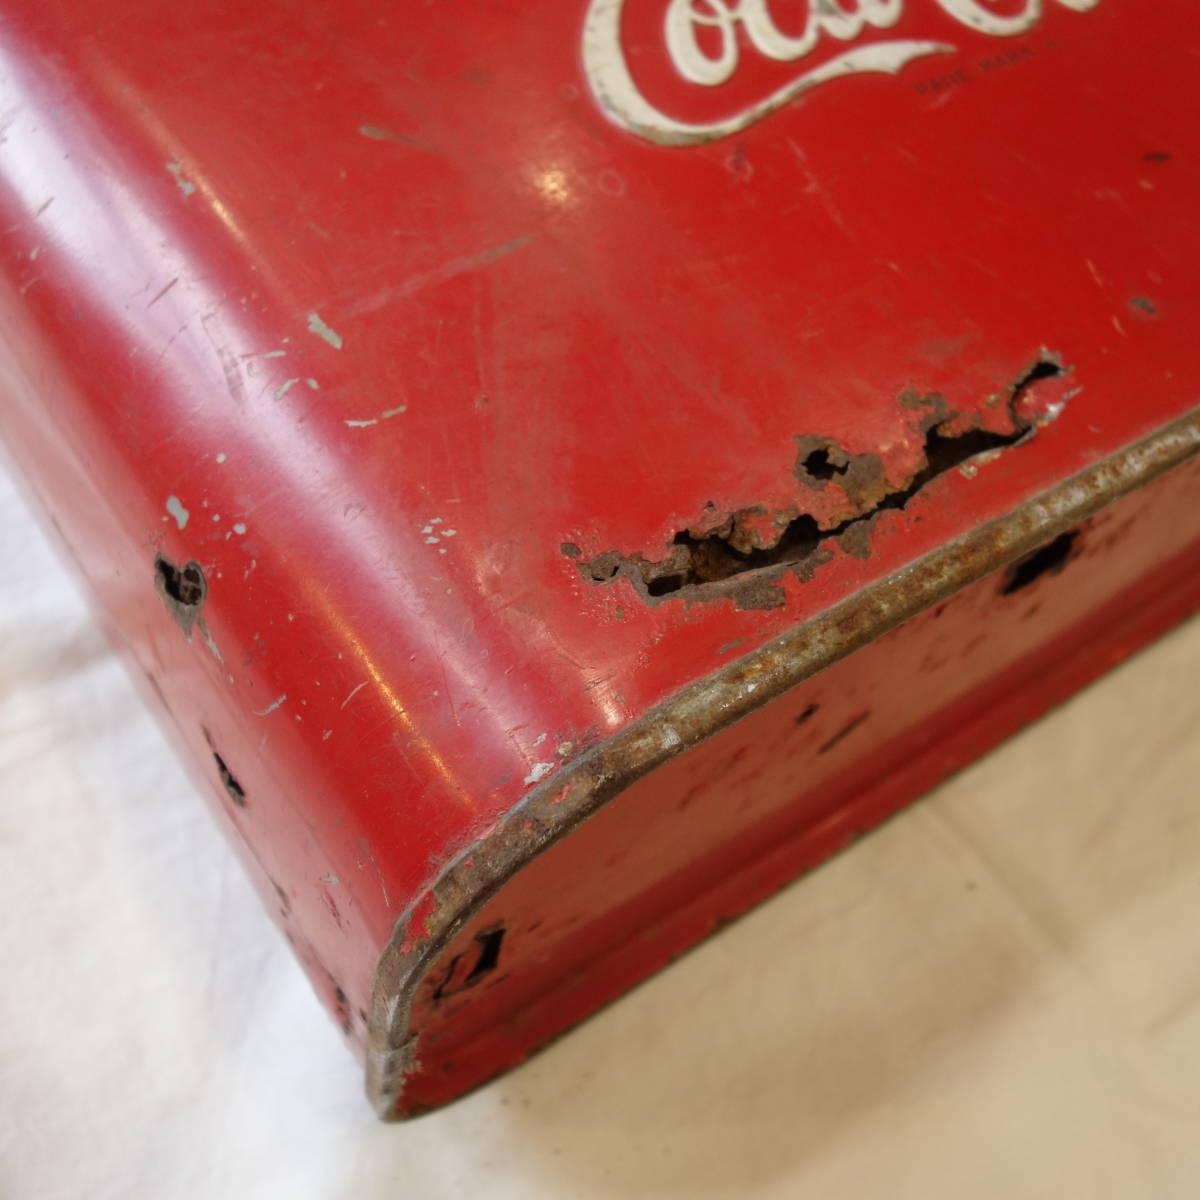 超希少 1940~50's ヴィンテージ Coca-Cola Airline Cooler_画像2